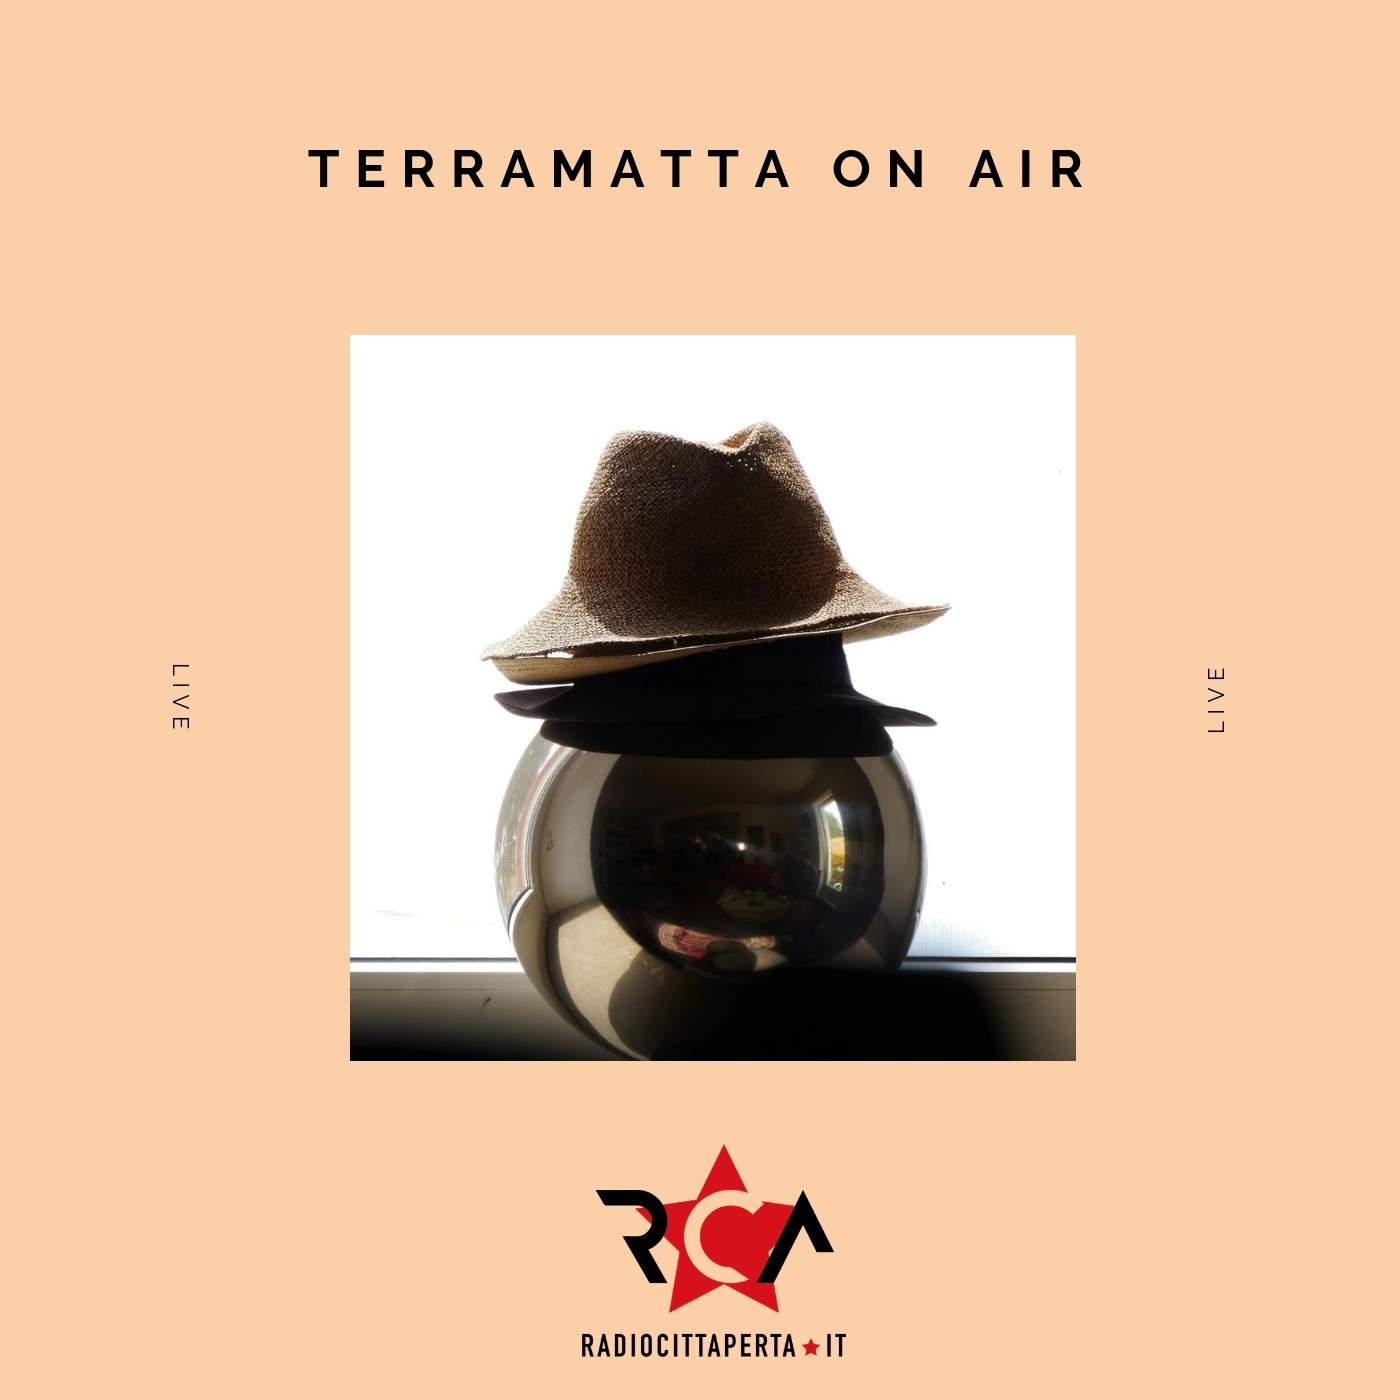 TERRAMATTA ON AIR